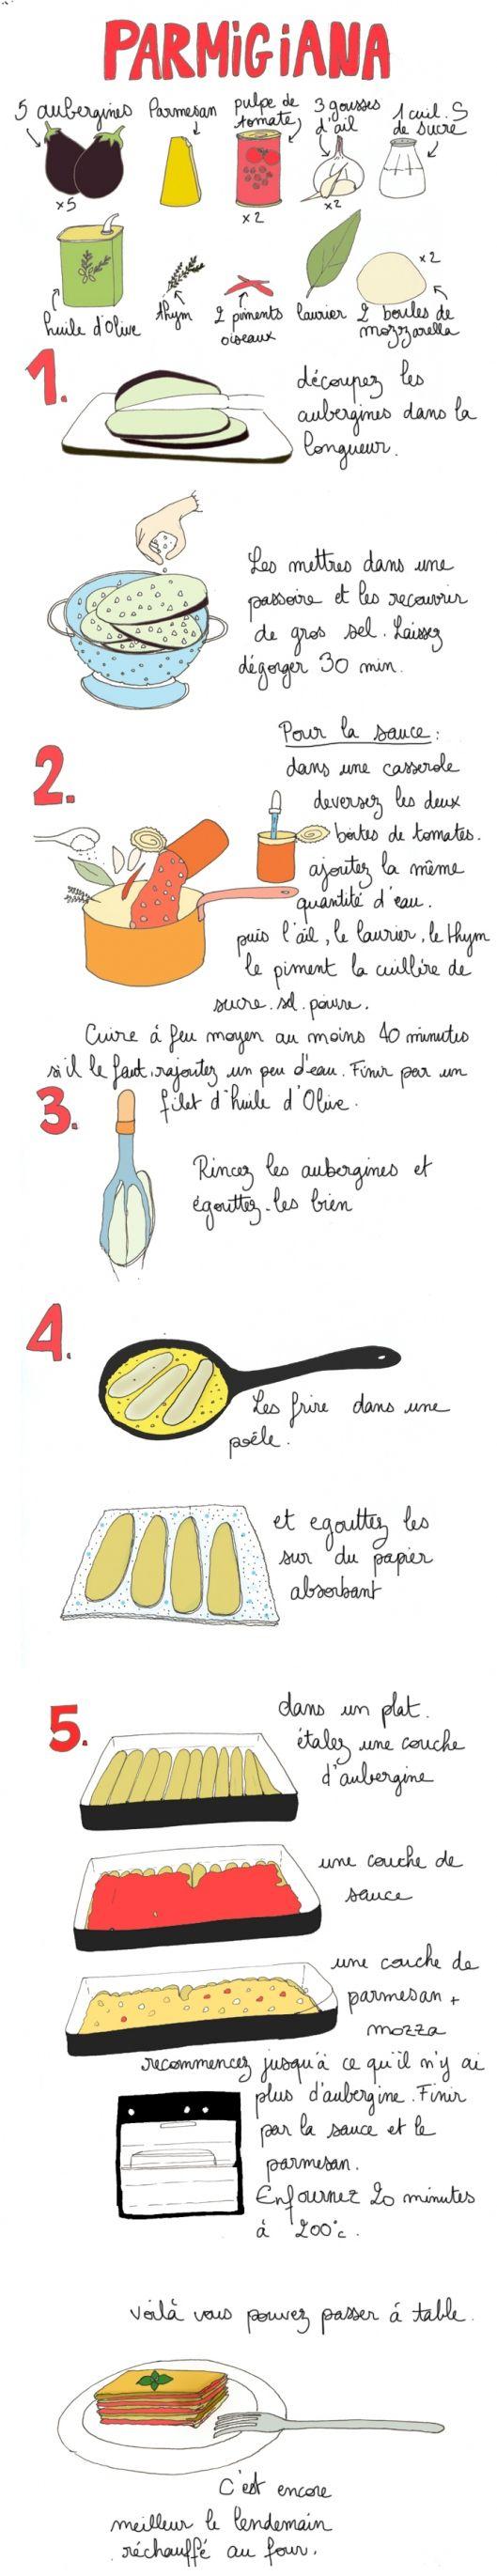 La parmigiana recipes pinterest platos principales for Platos principales franceses